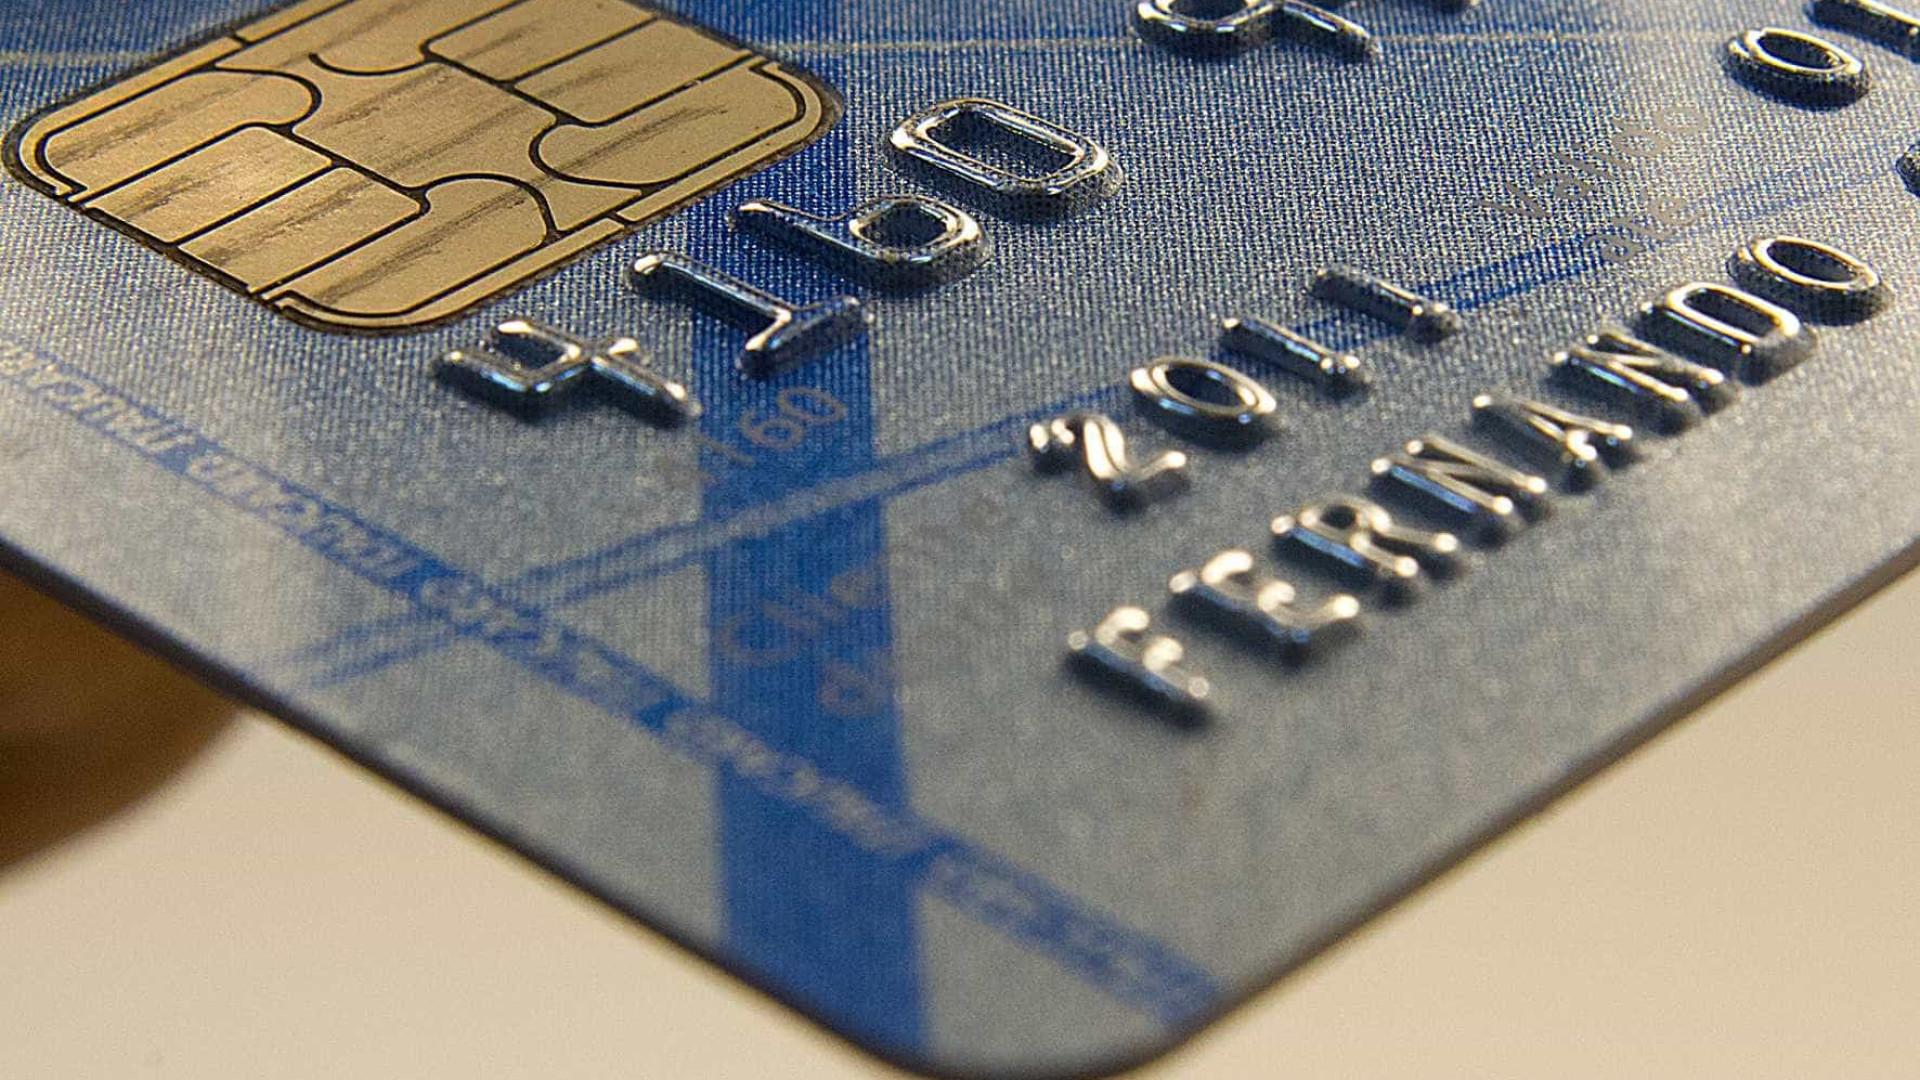 SPC: 1/3 dos consumidores não sabe quanto gasta com cartão de crédito